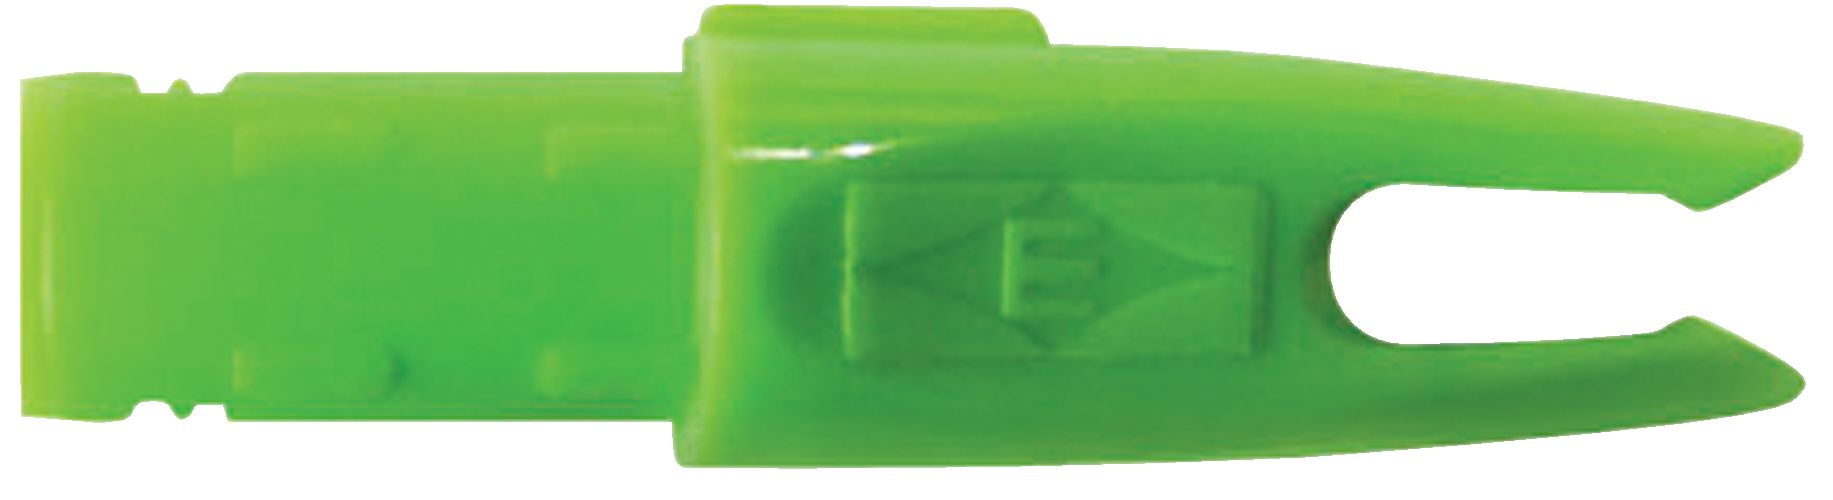 Easton Super Nocks – 12 Pack